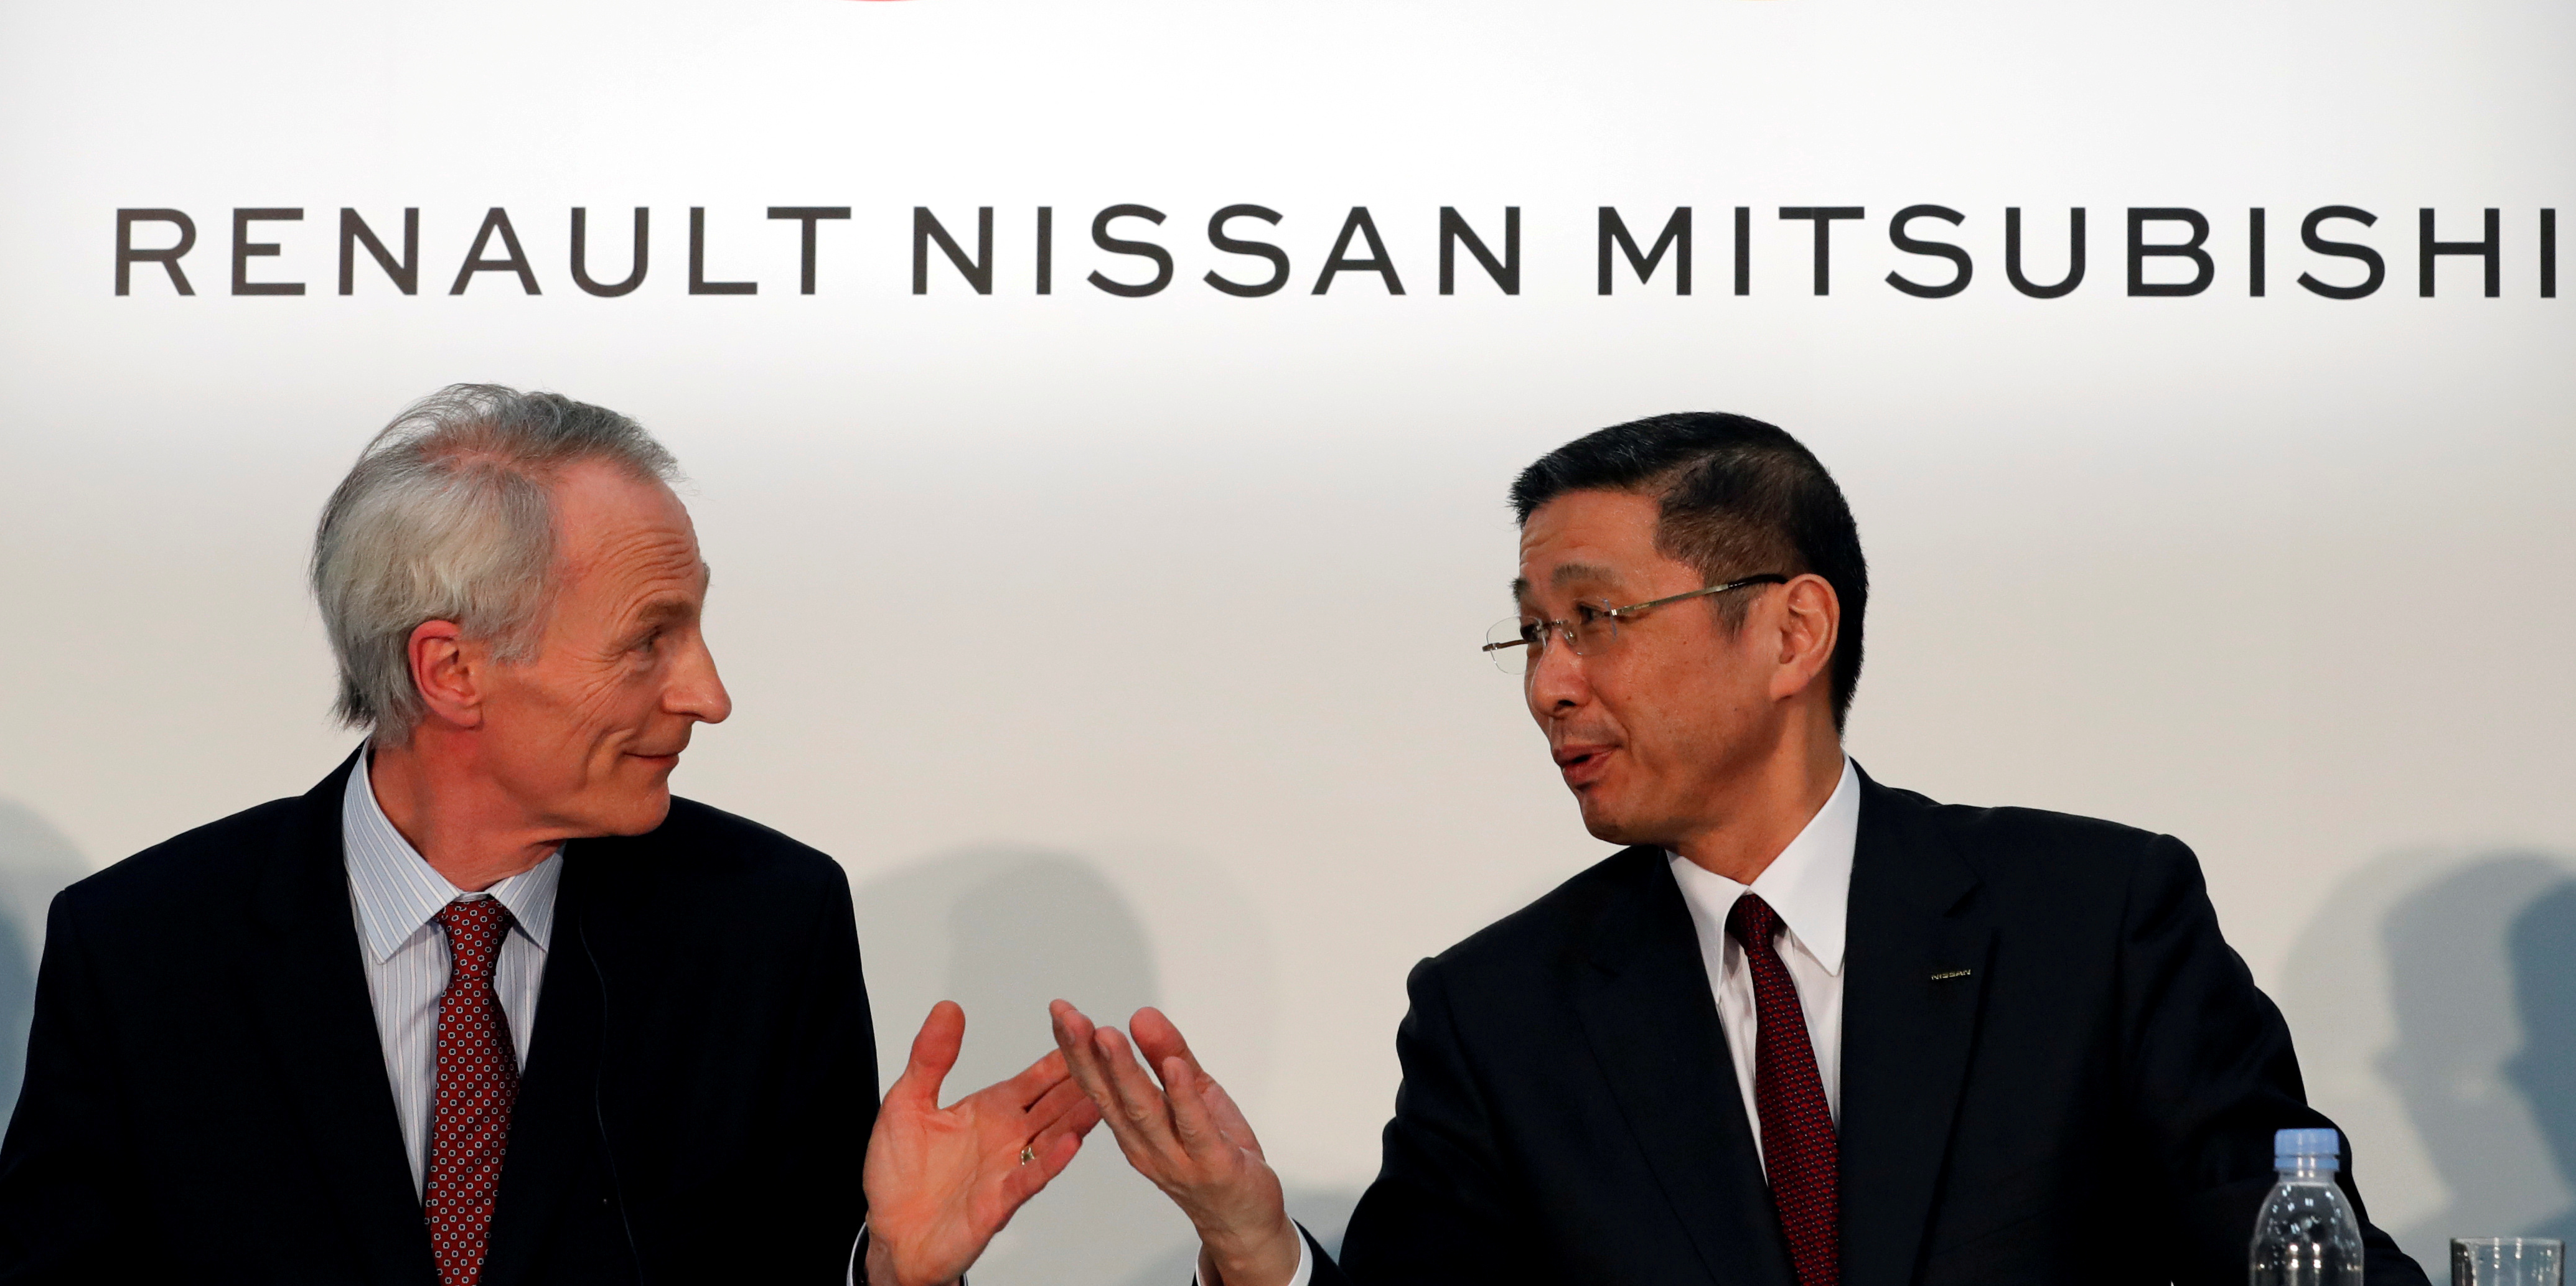 Alliance Renault-Nissan, année zéro?